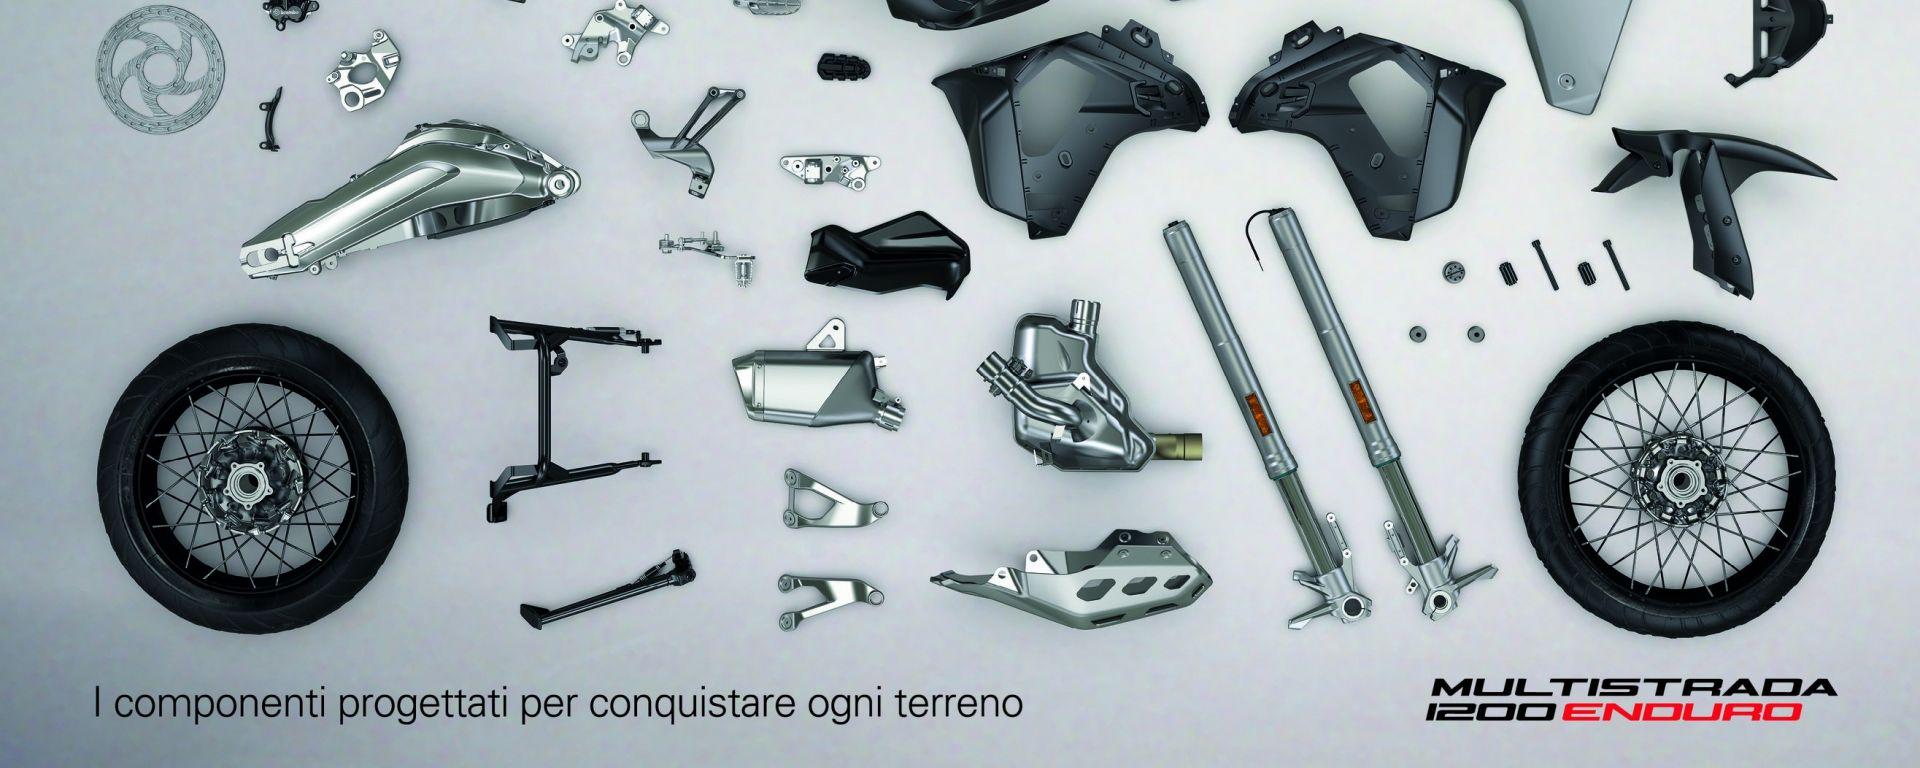 Ducati Multistrada 1200 Enduro: come è fatta